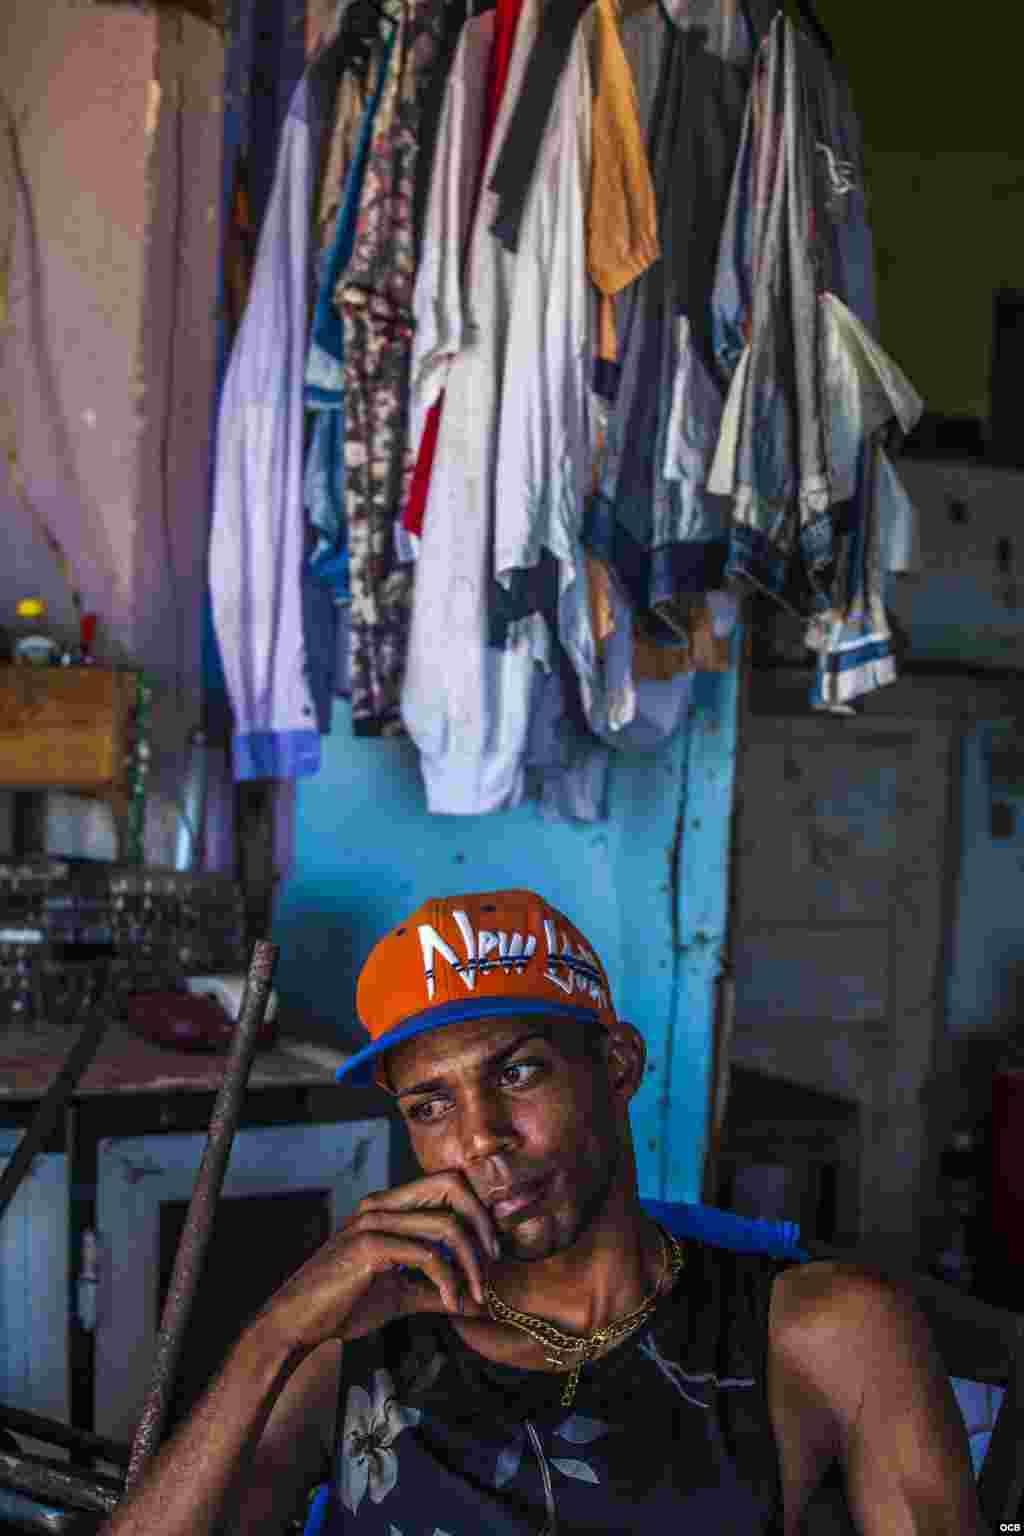 Más de 26.000 cubanos de los 1,7 millones evacuados durante el paso del huracán Irma por la isla el pasado fin de semana aún no han podido regresar a sus hogares y permanecen en albergues o en casas de allegados. Fotos: Angélica Producciones